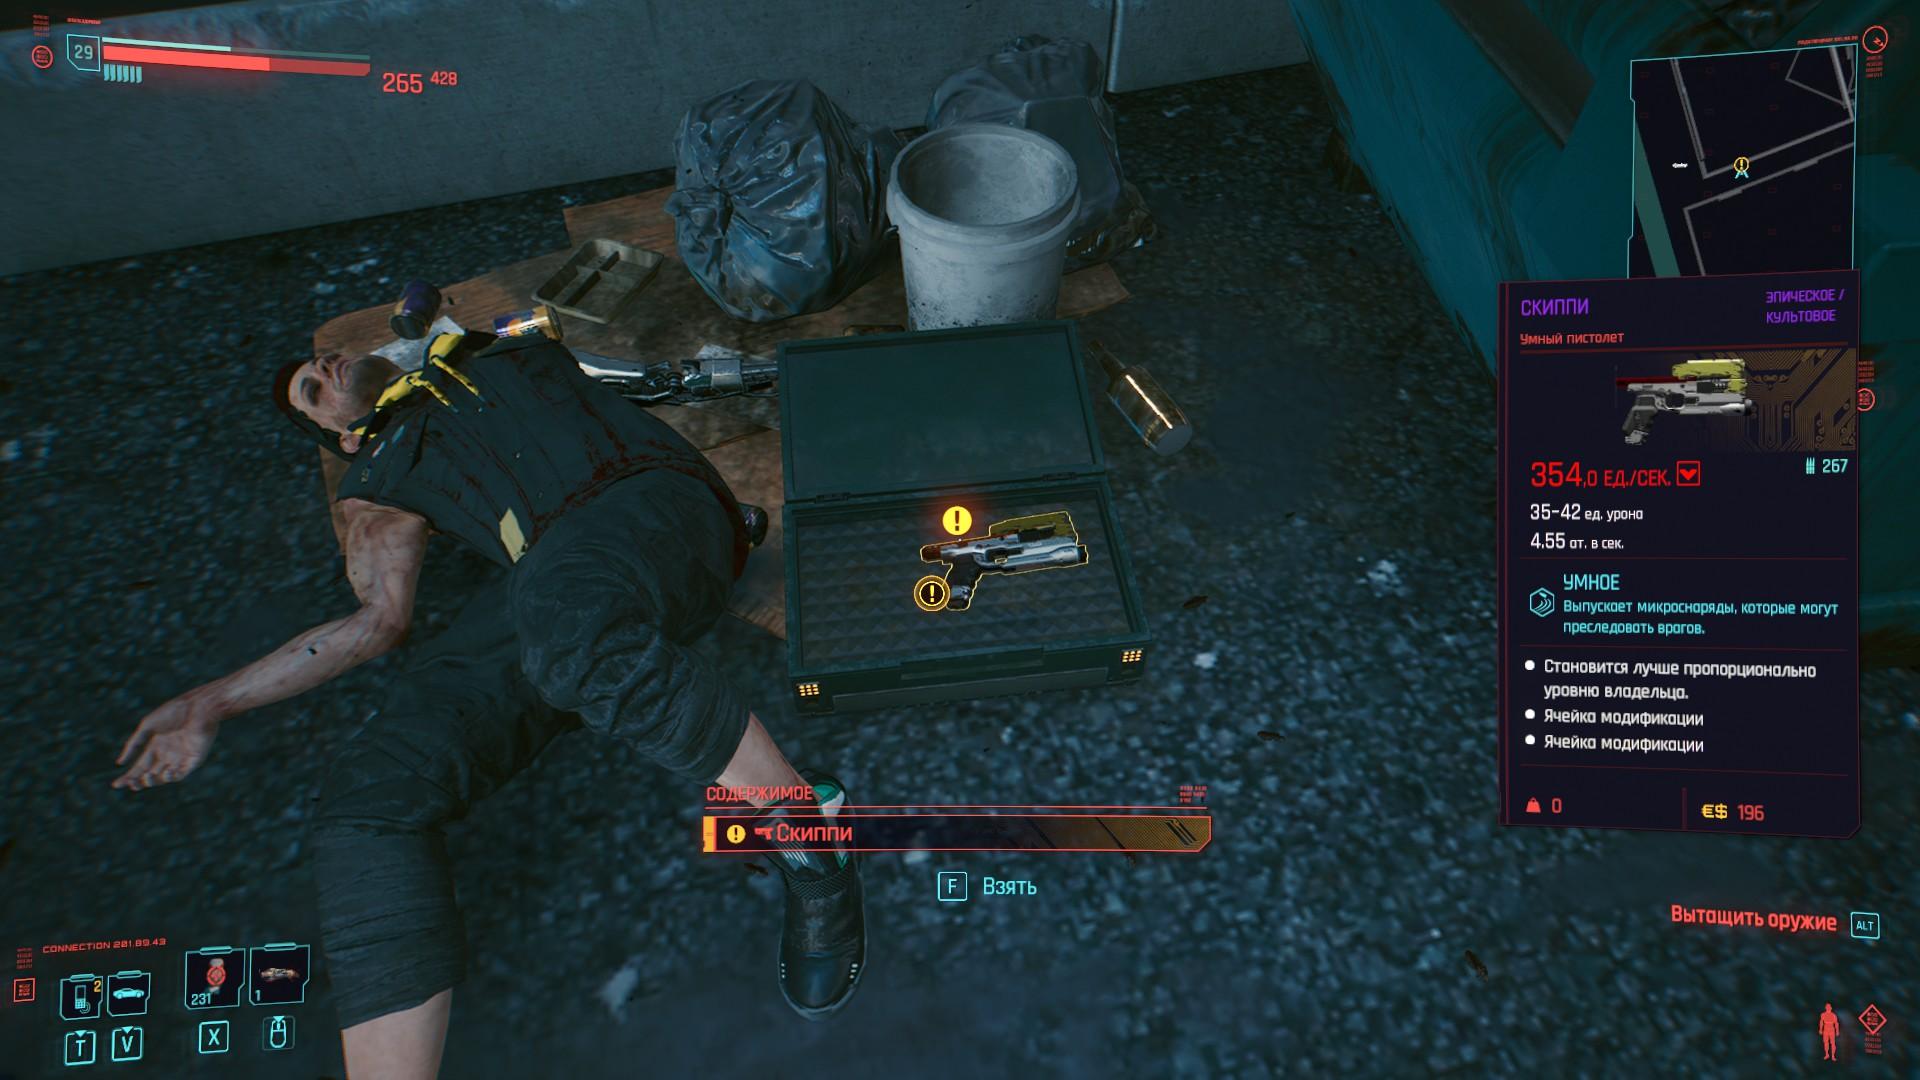 """Где найти говорящий пистолет """"Скиппи"""" в Cyberpunk 2077"""